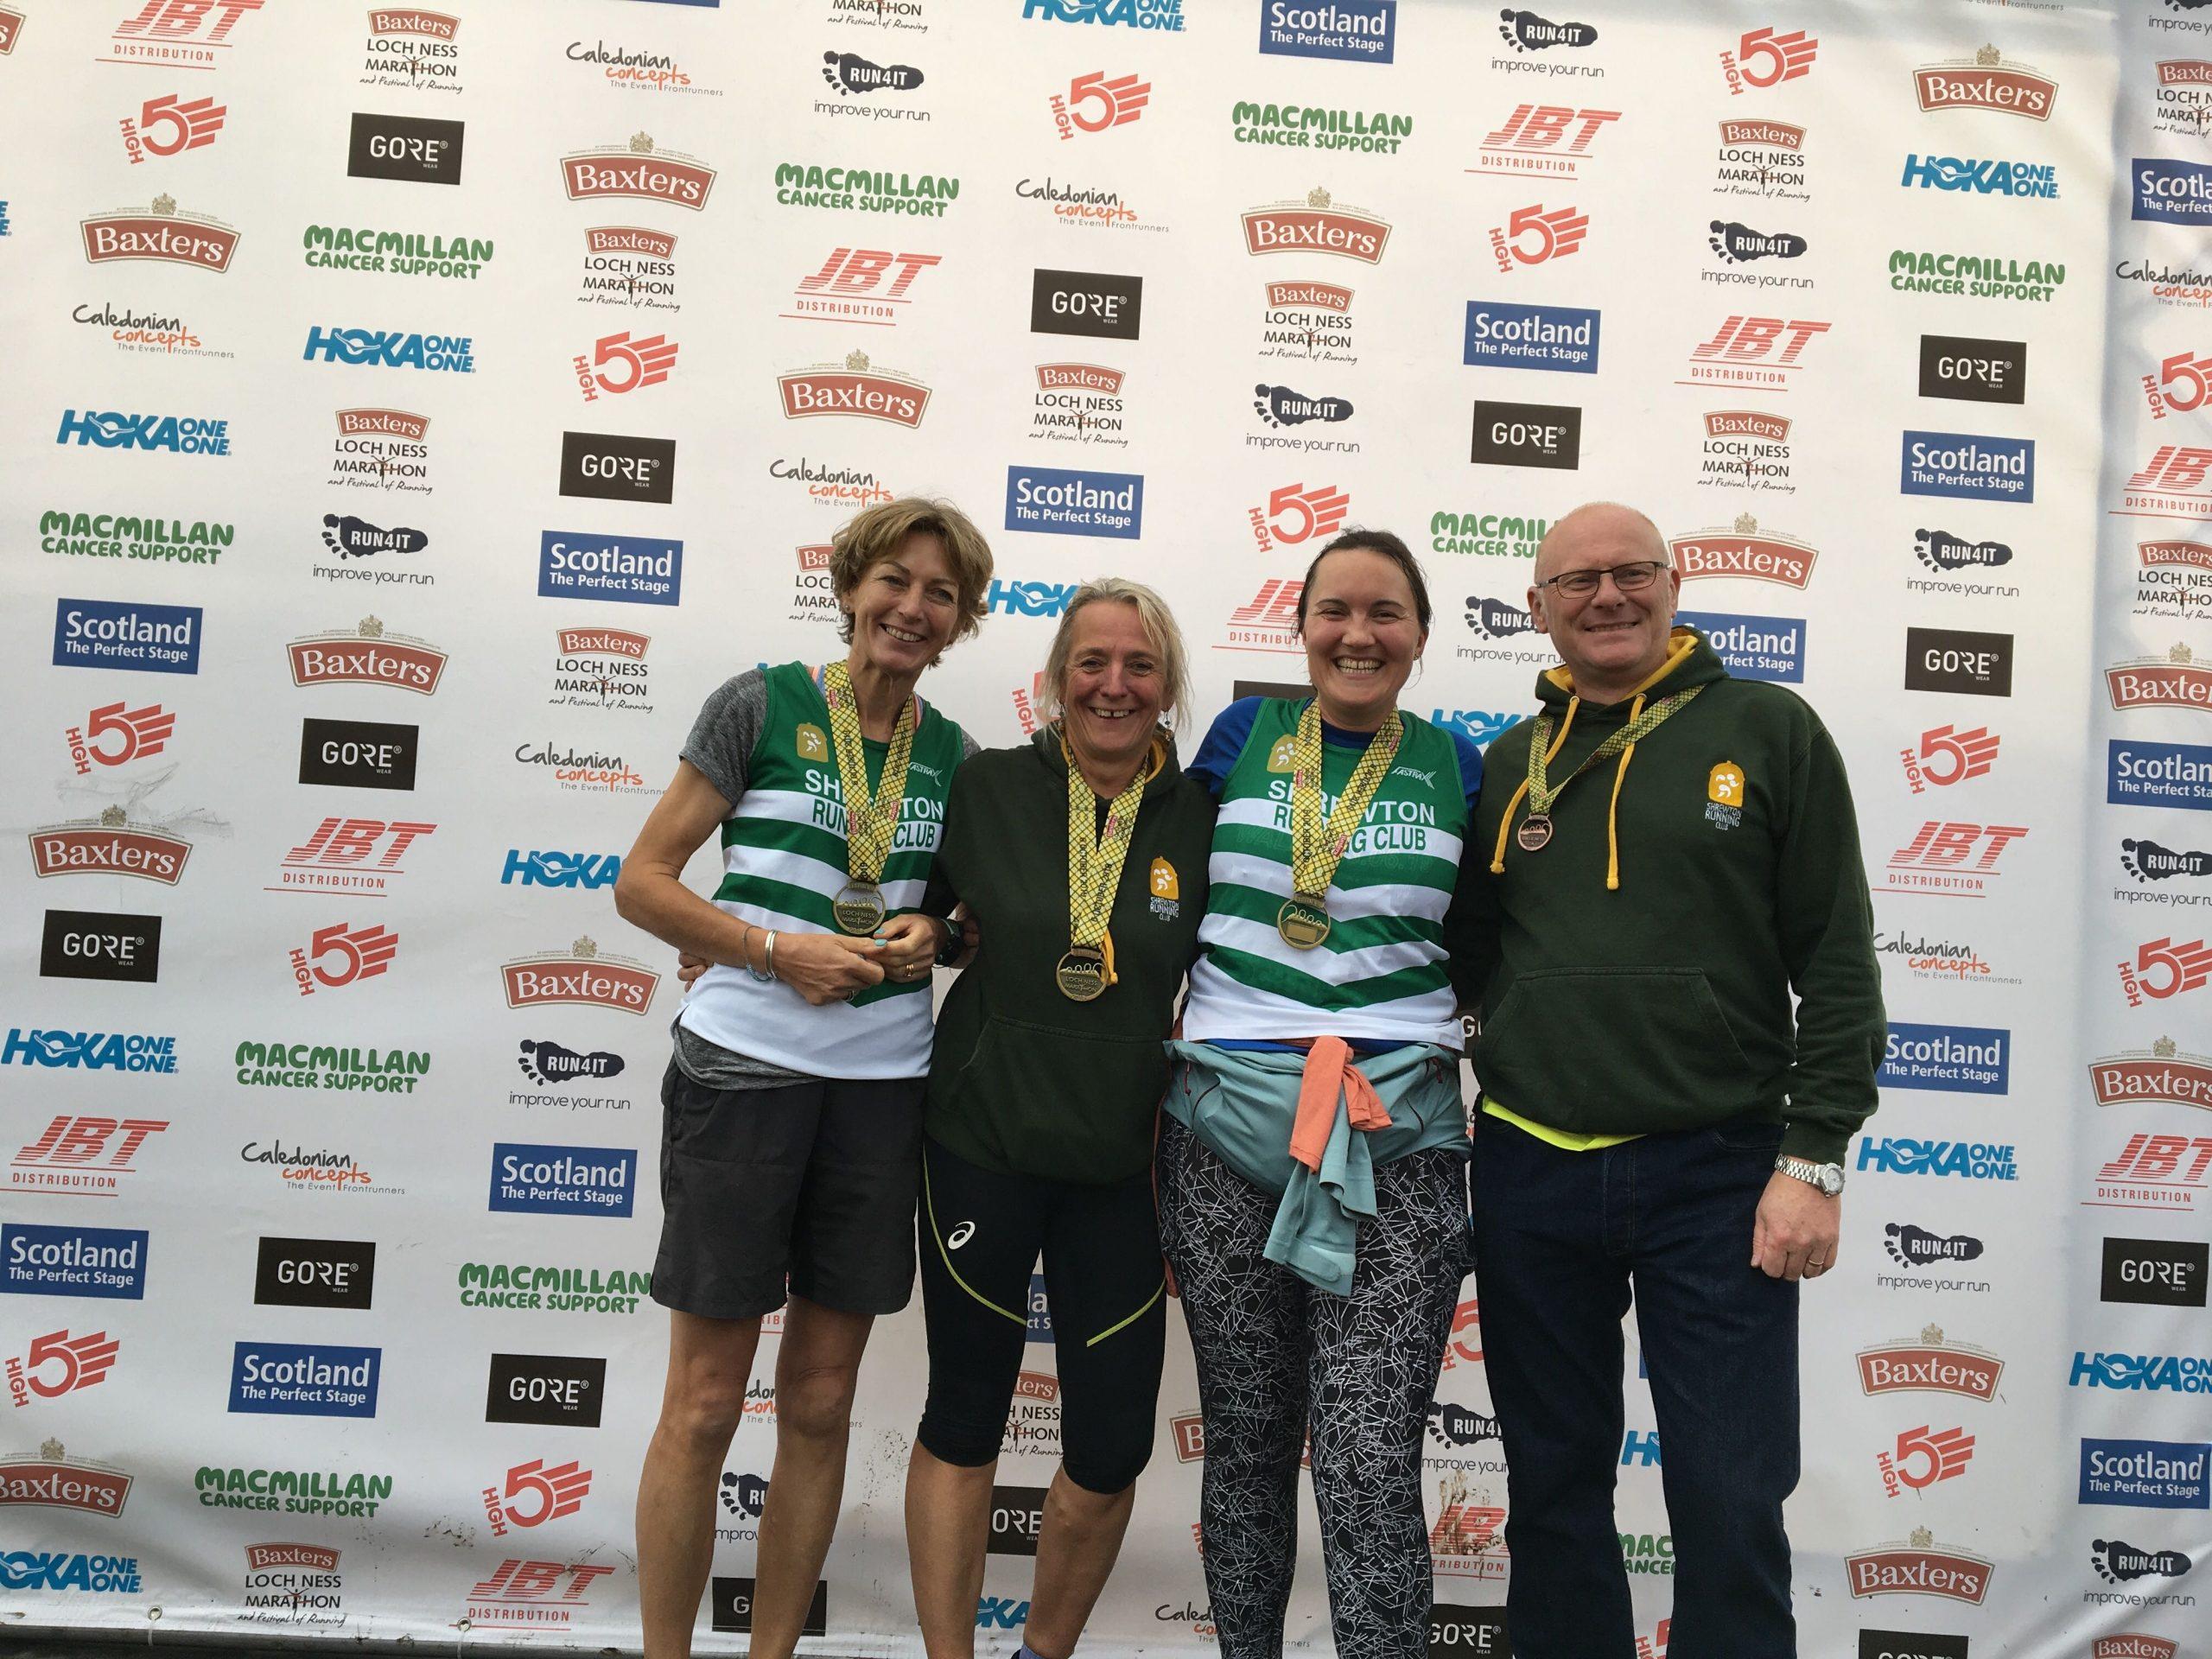 Loch Ness Marathon 2019